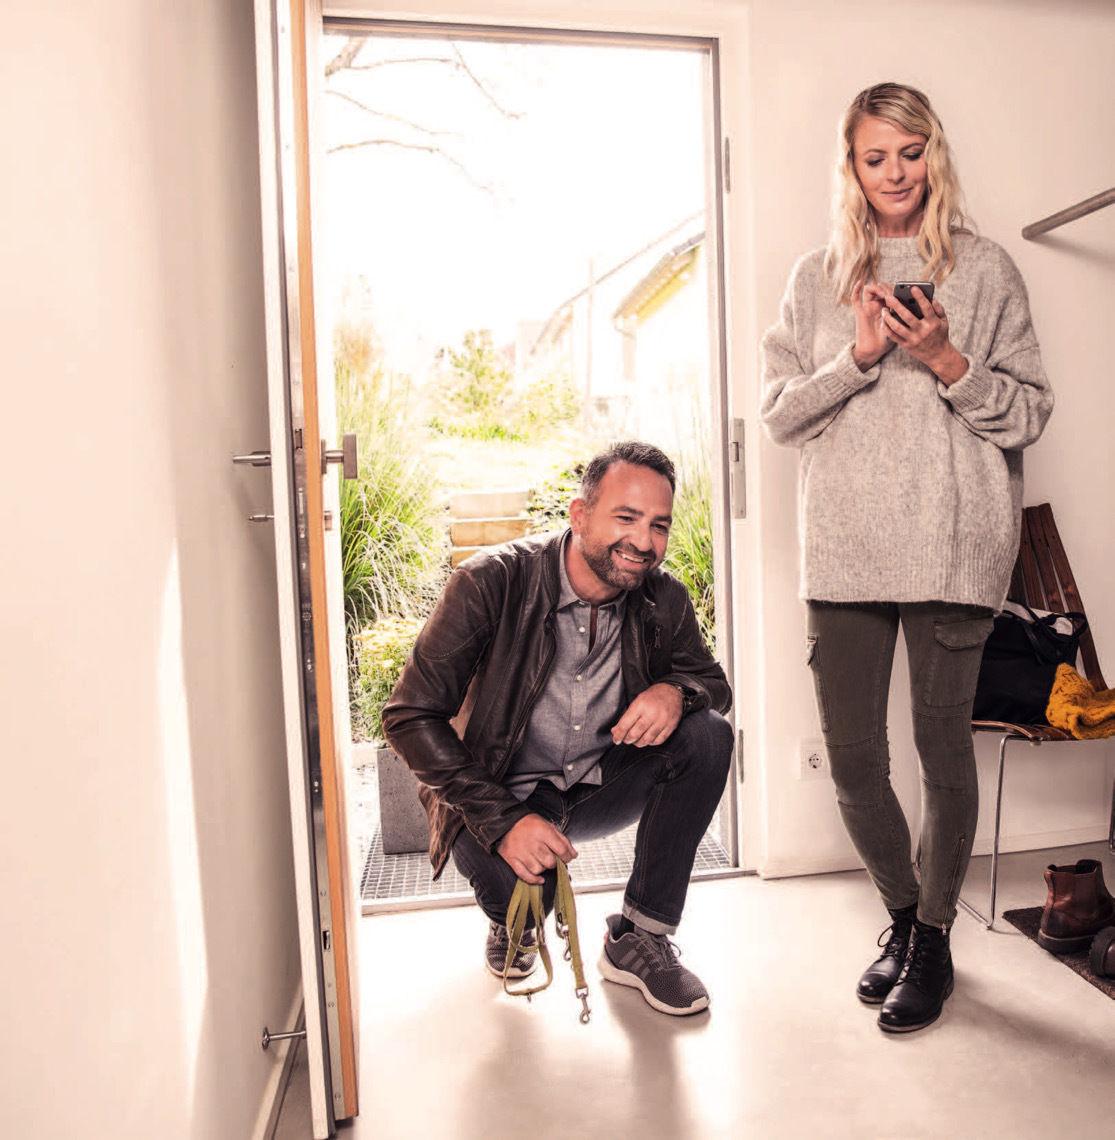 Simone Schneider & Hornbach Smart Home